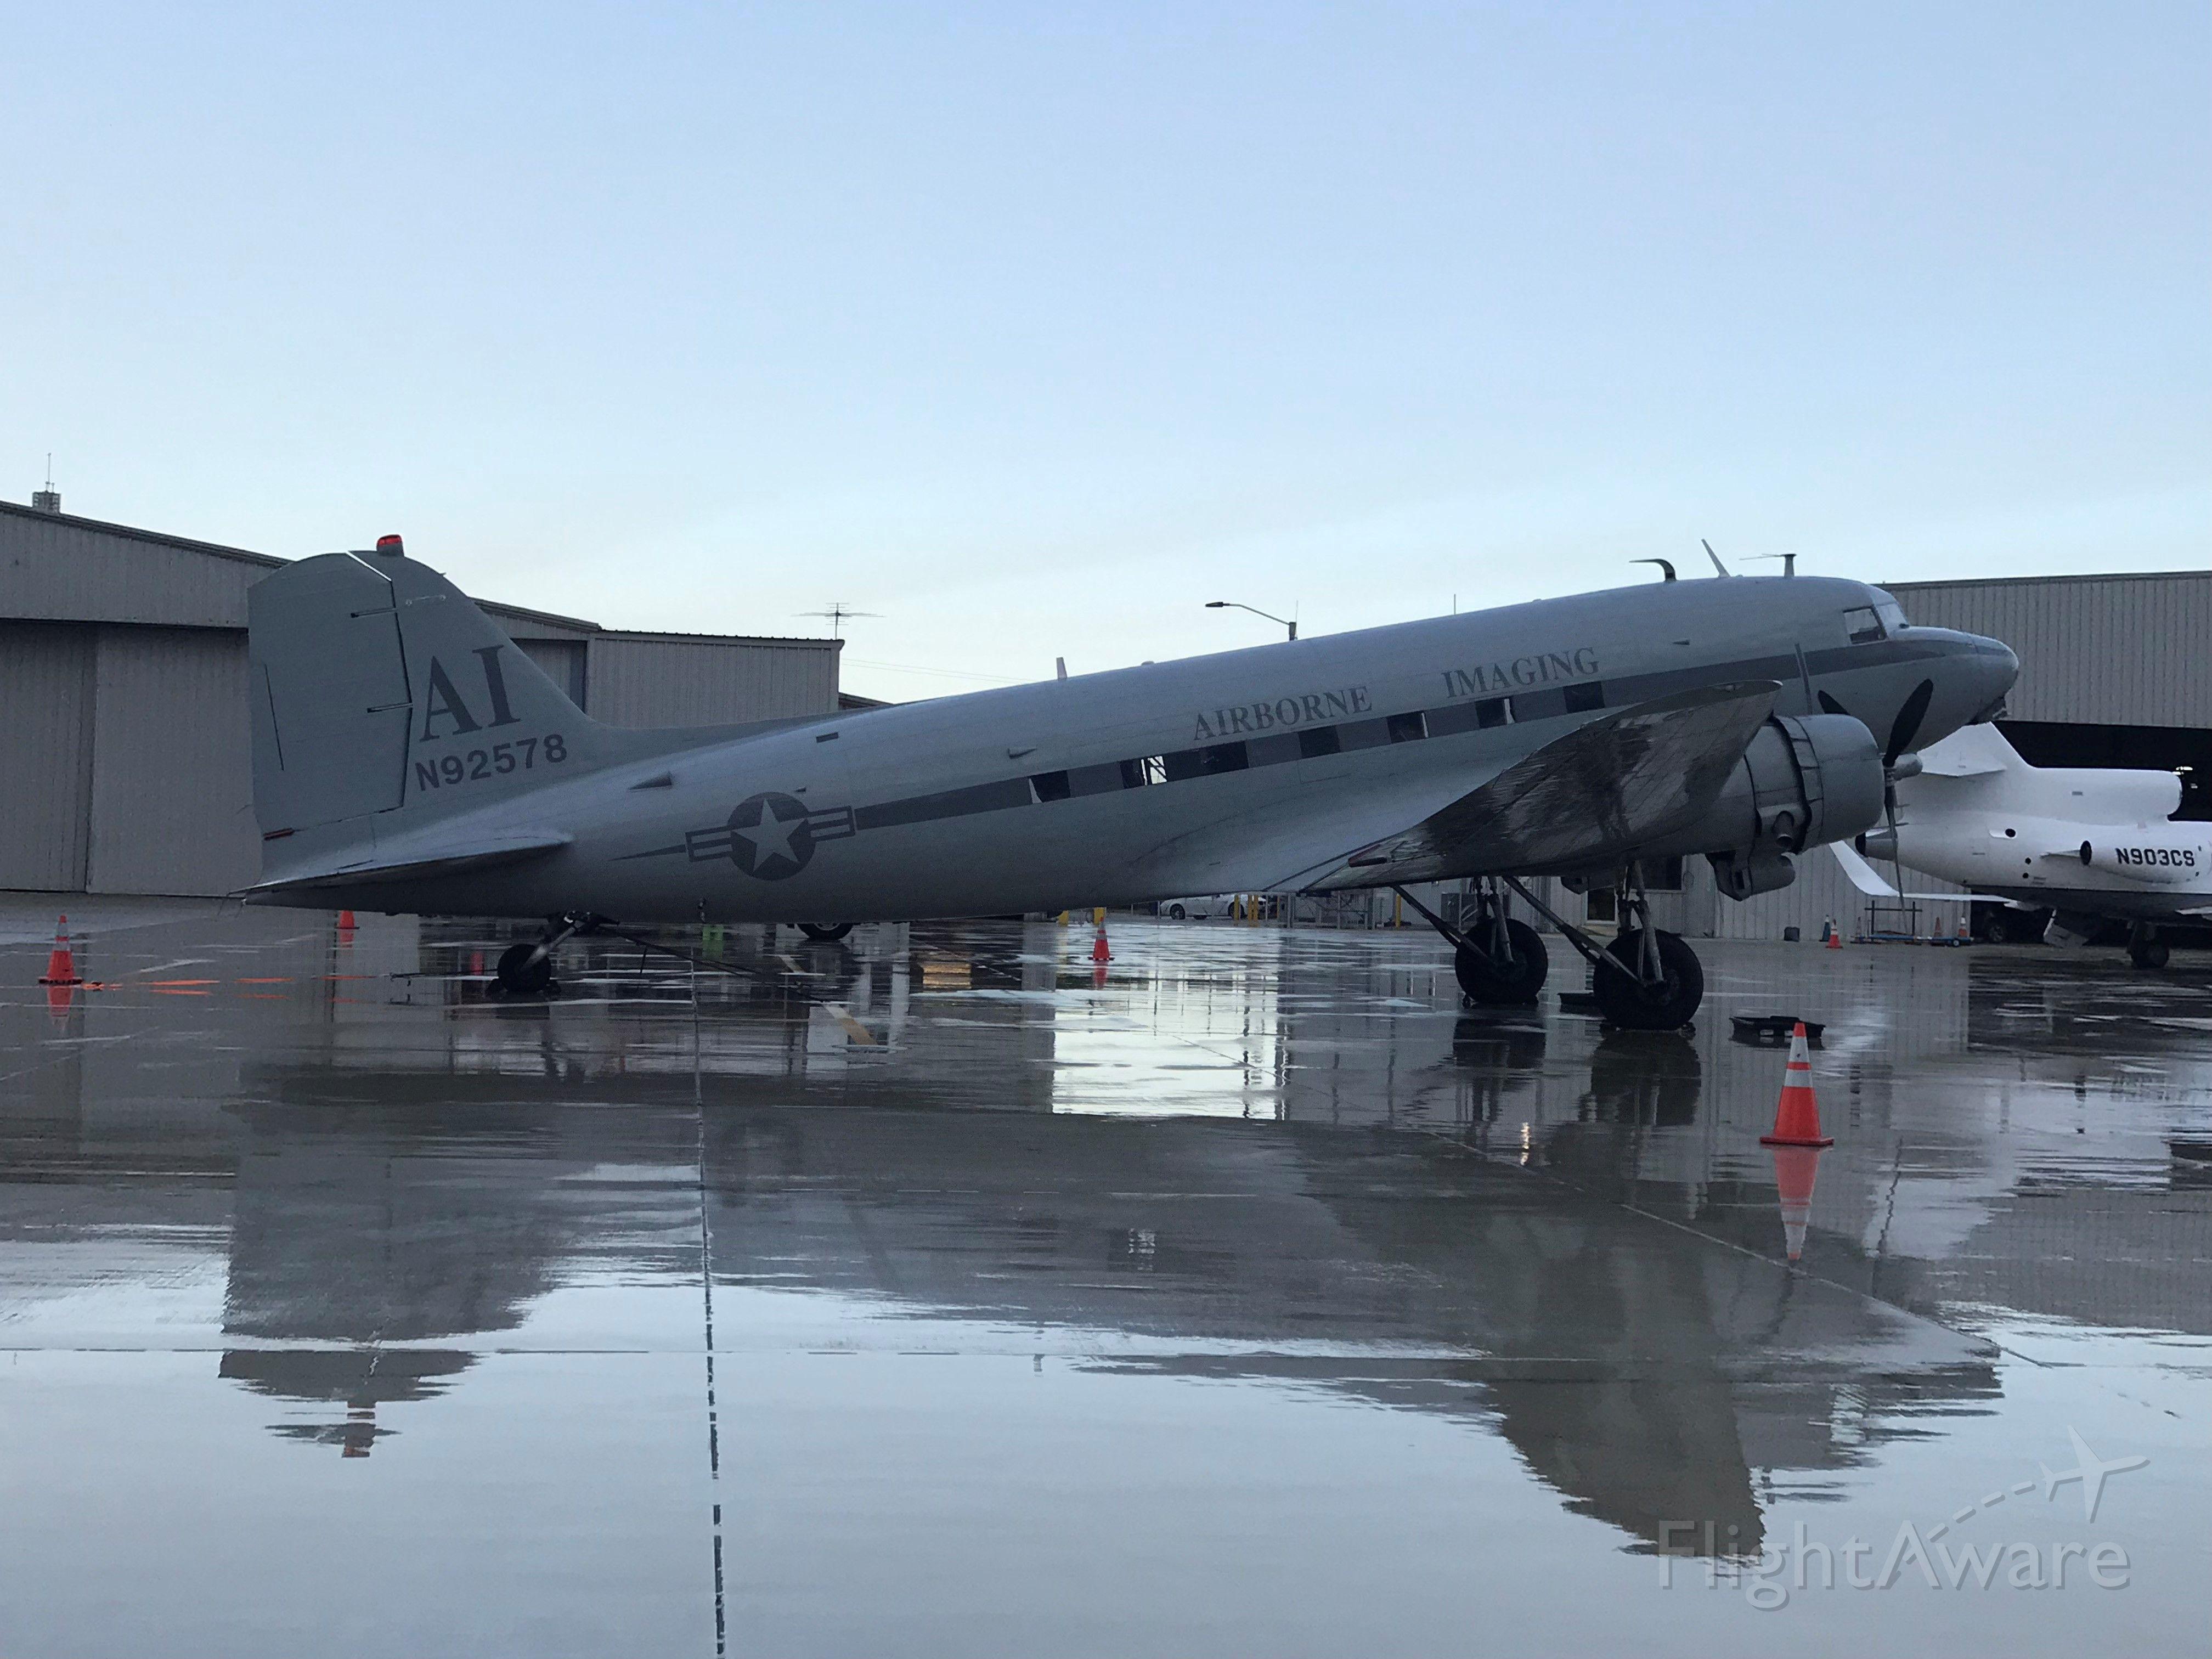 Douglas DC-3 (N92578)